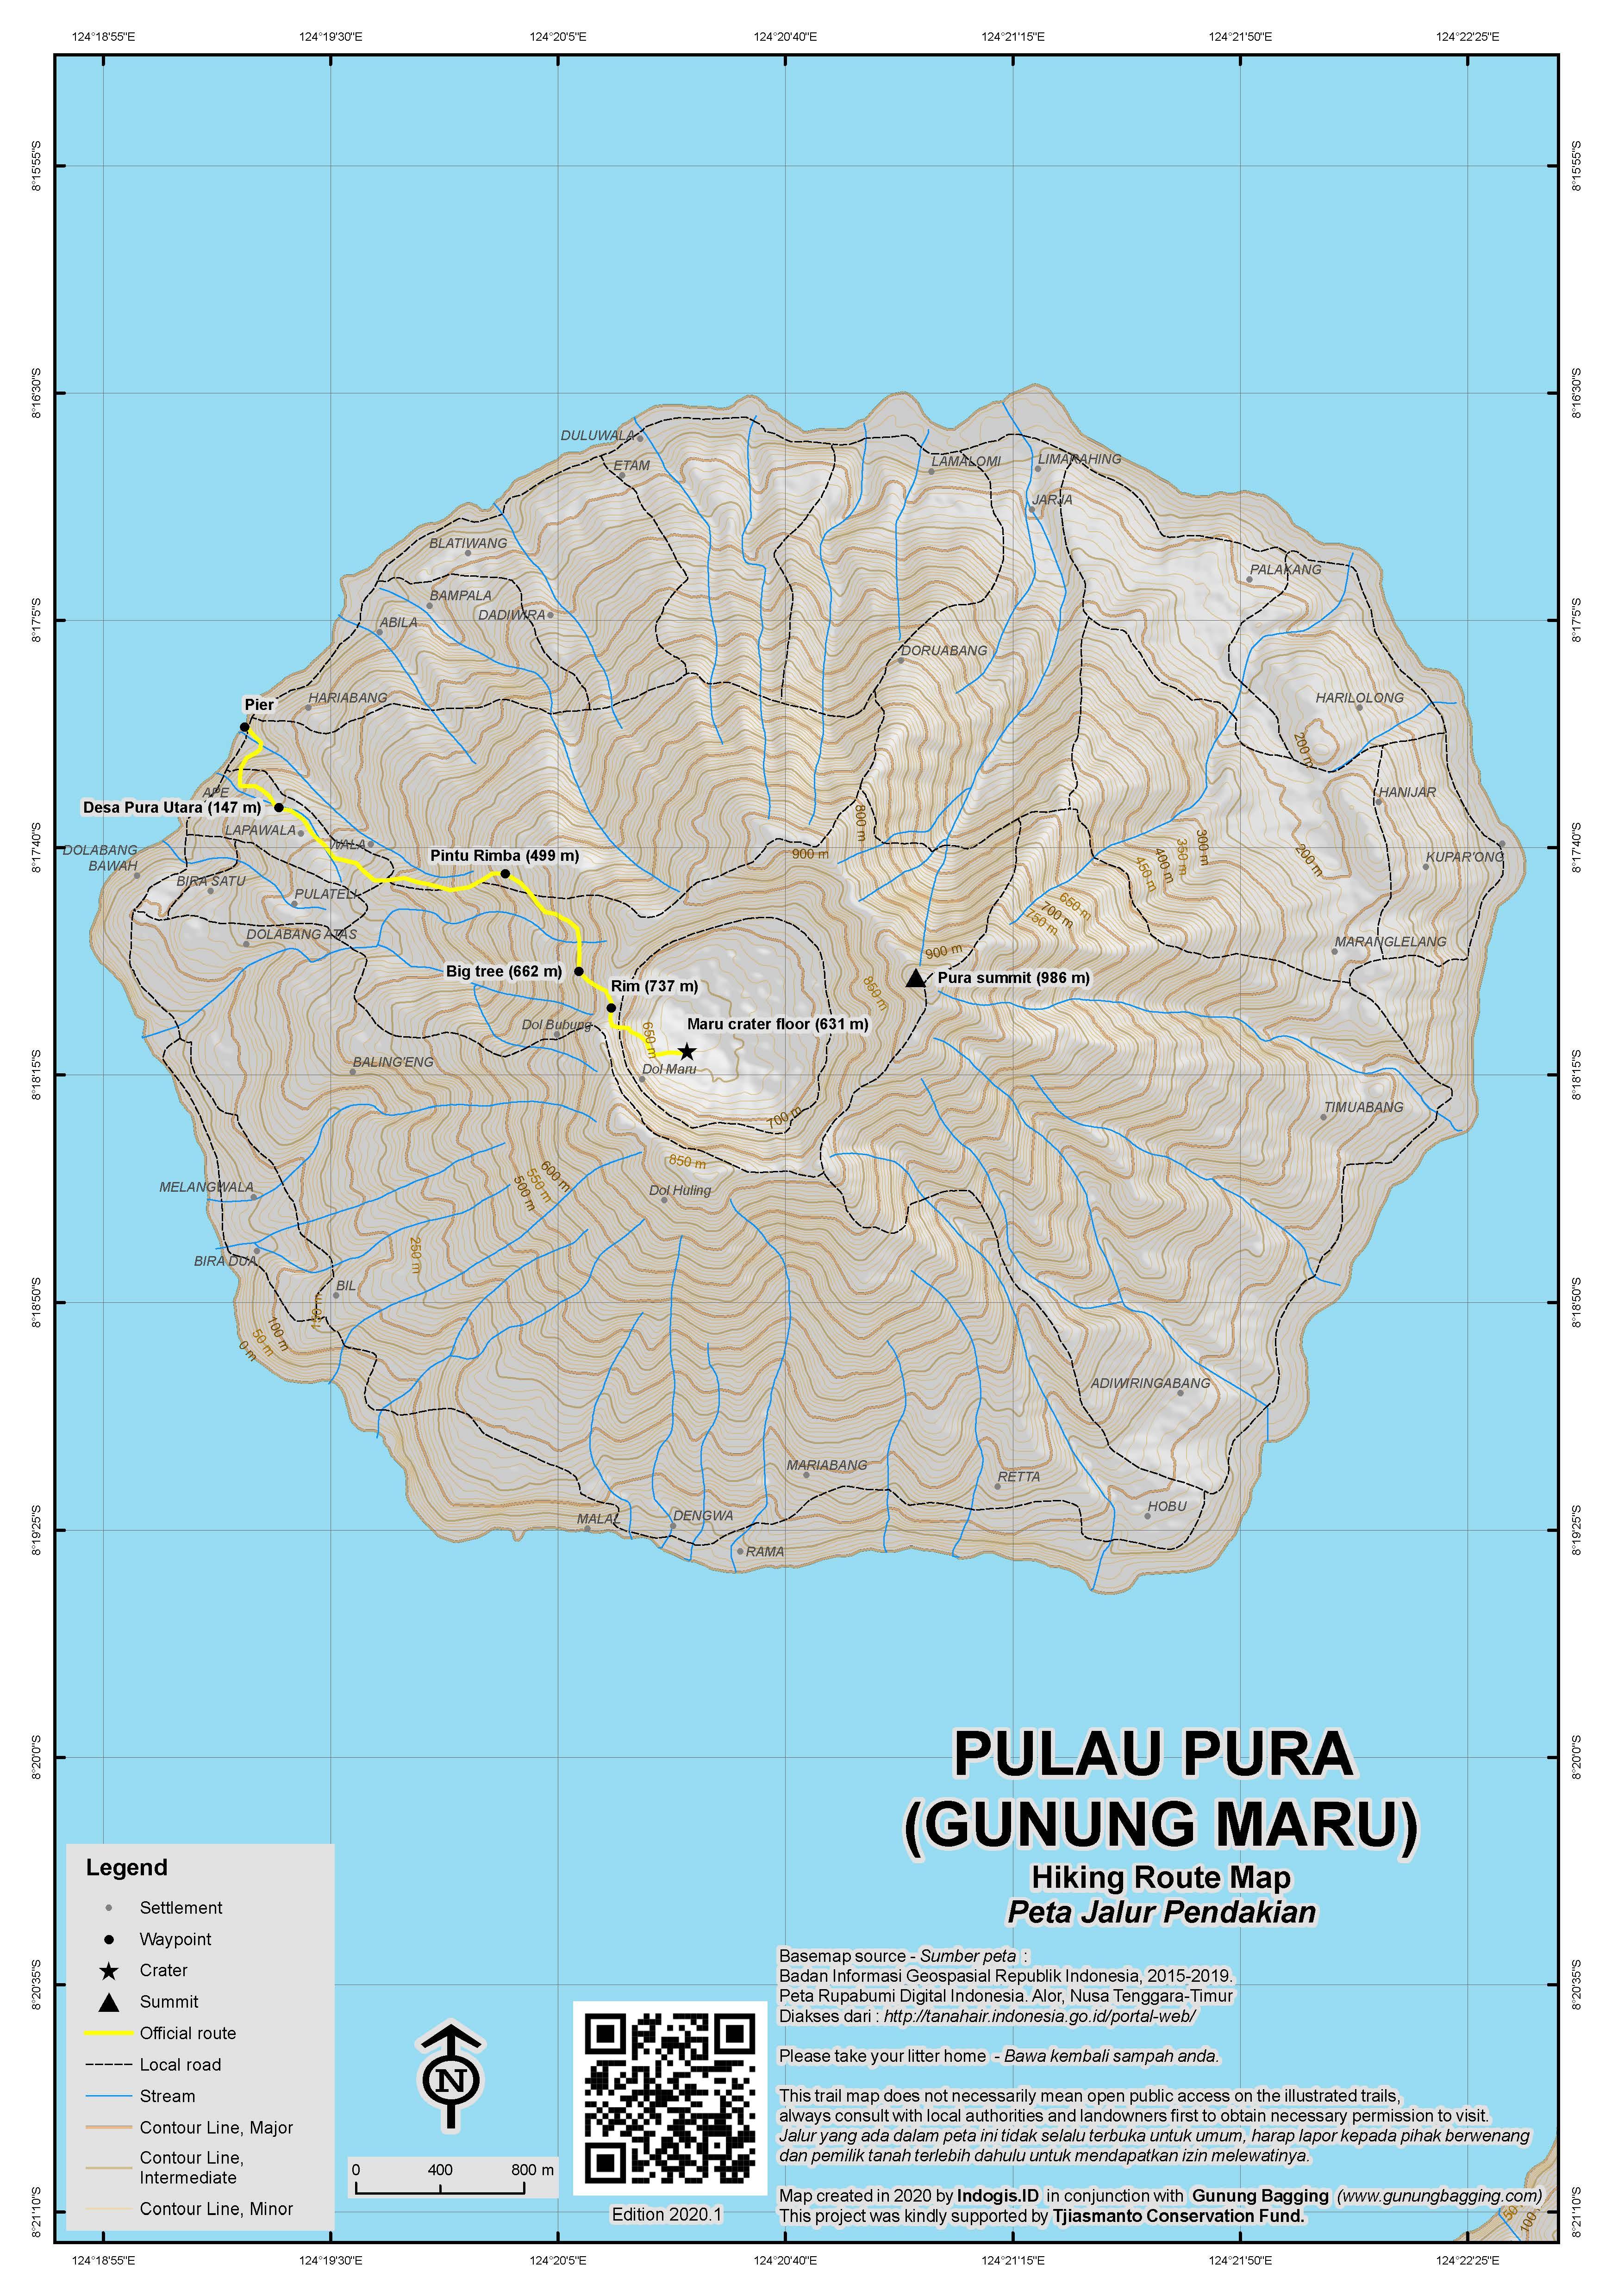 Peta Jalur Pendakian Gunung Maru